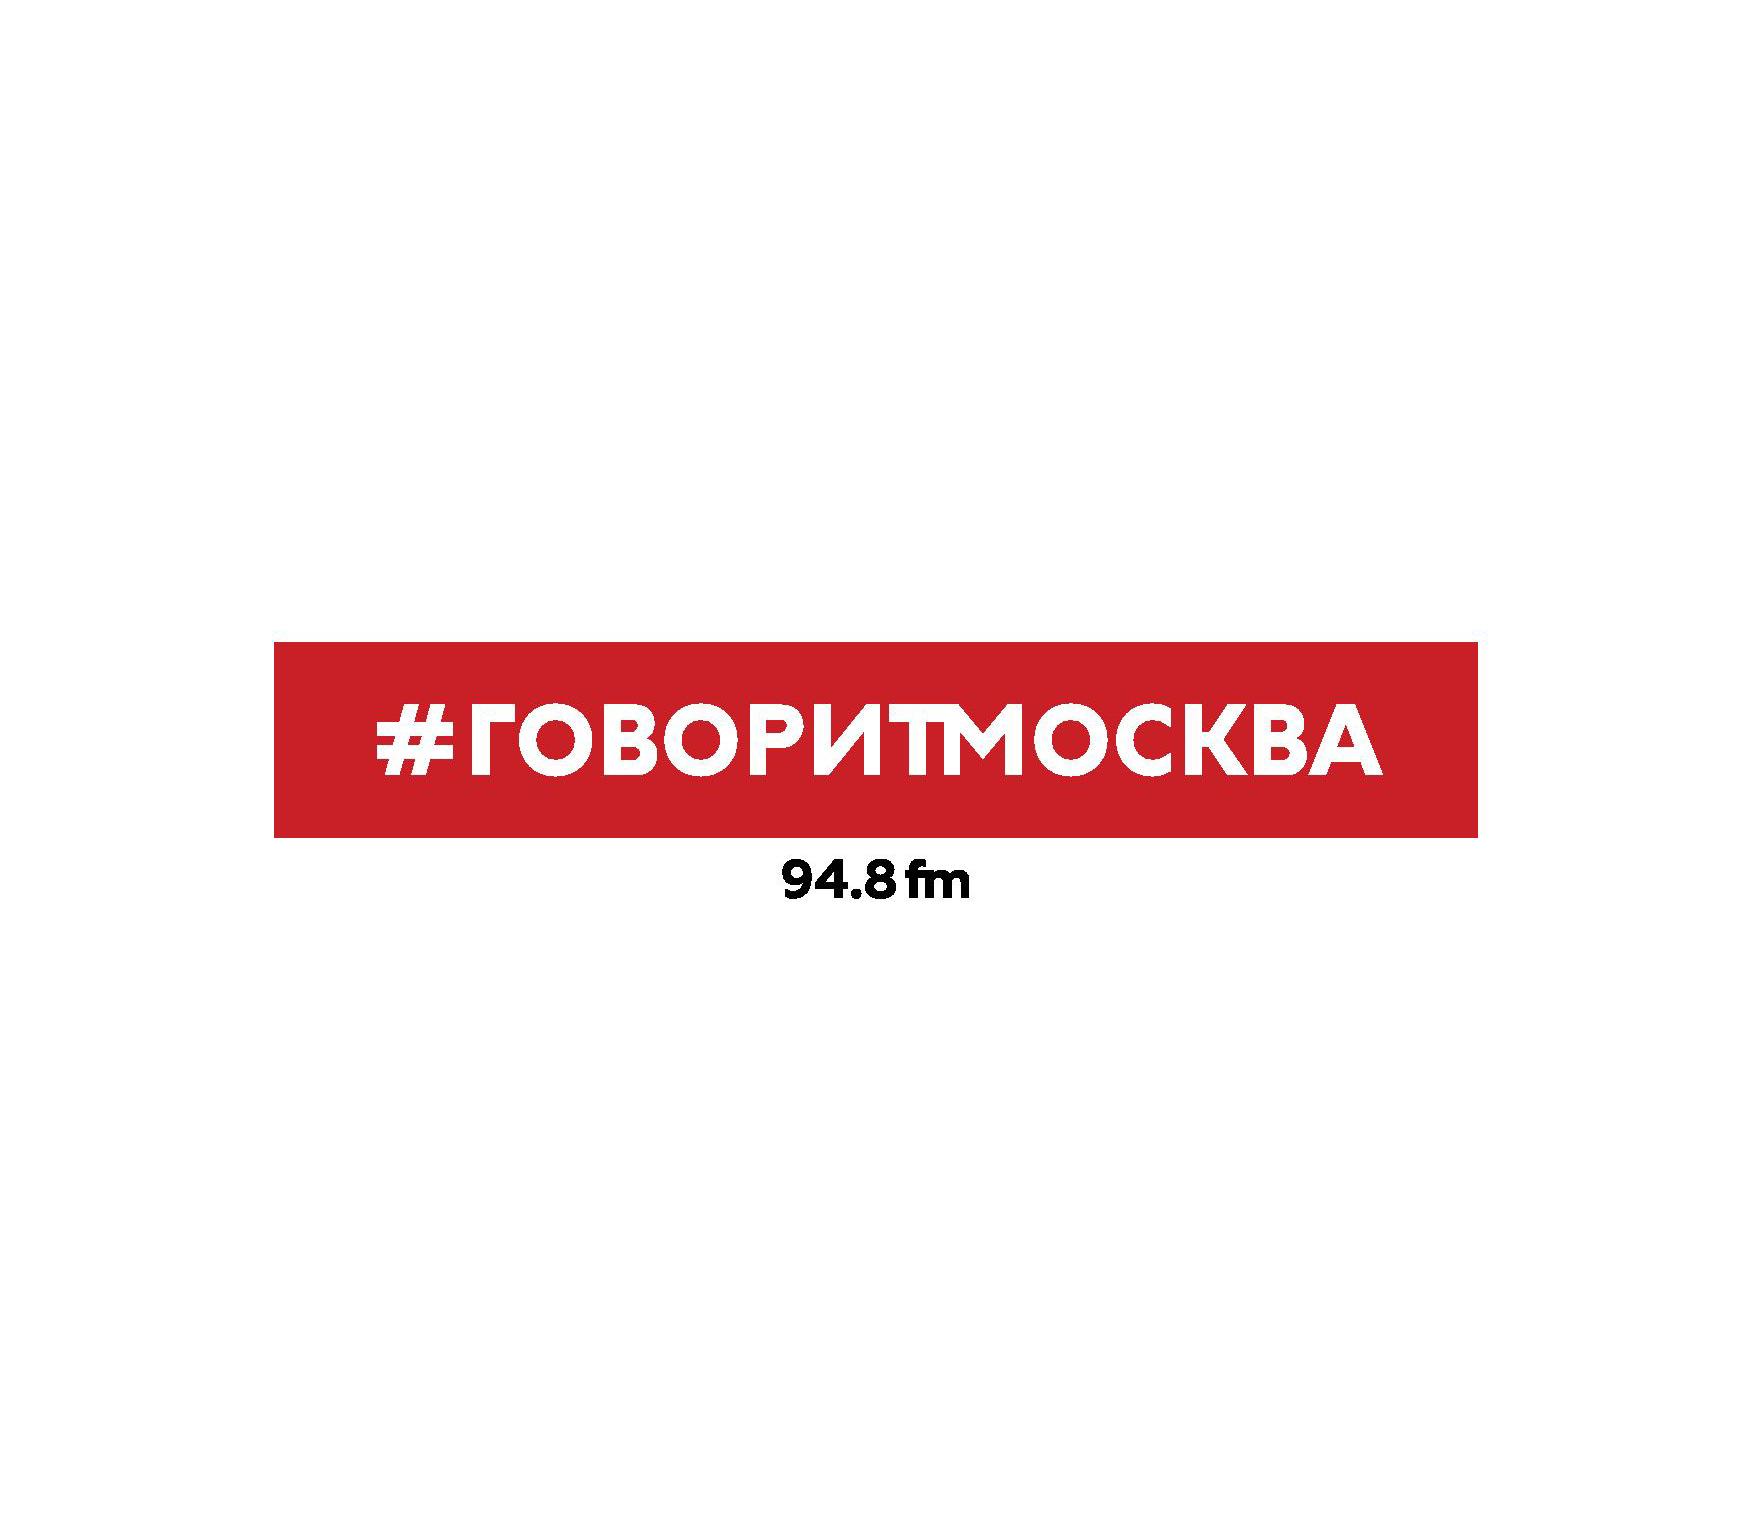 Макс Челноков 24 апреля. Николай Бурляев макс челноков 14 апреля андрей орлов